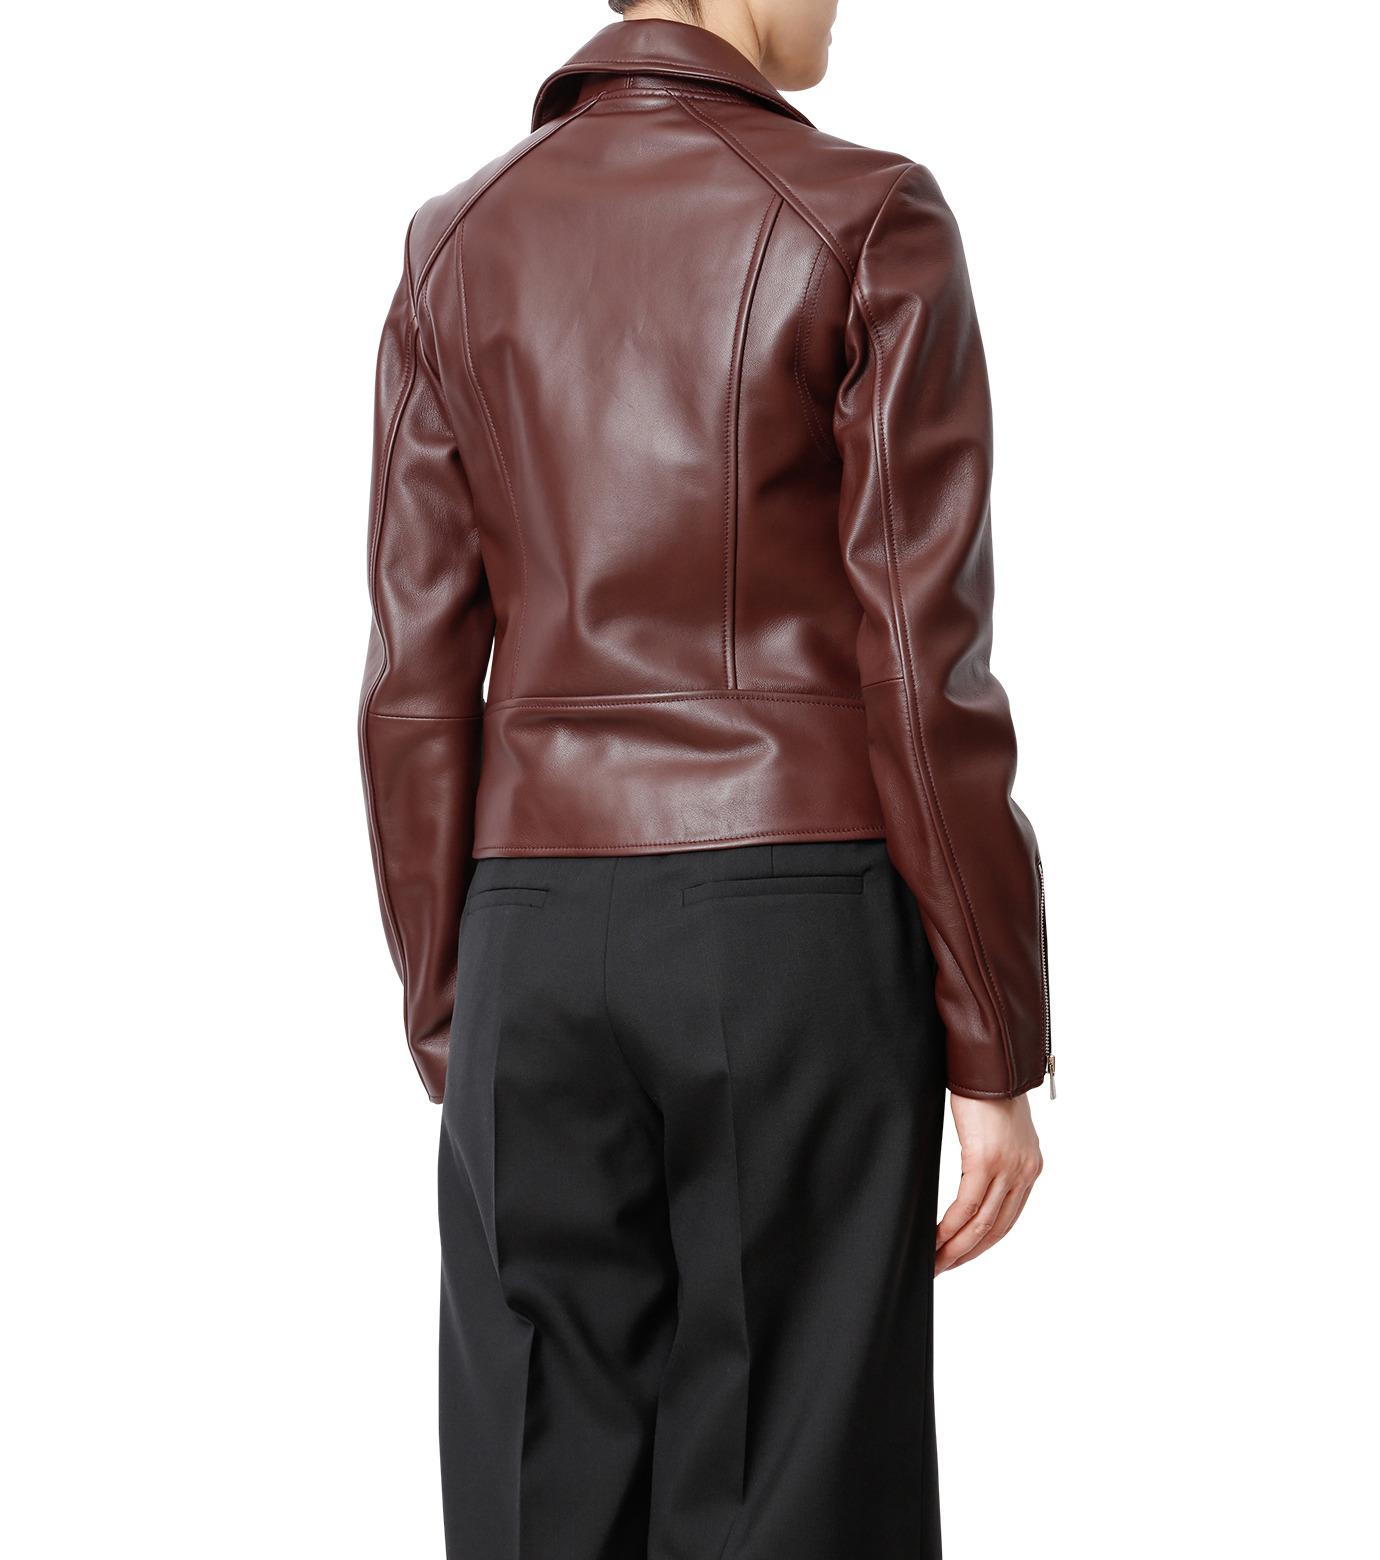 LE CIEL BLEU(ルシェルブルー)のラムレザーライダース-BORDEAUX(ジャケット/jacket)-18A64002 拡大詳細画像2